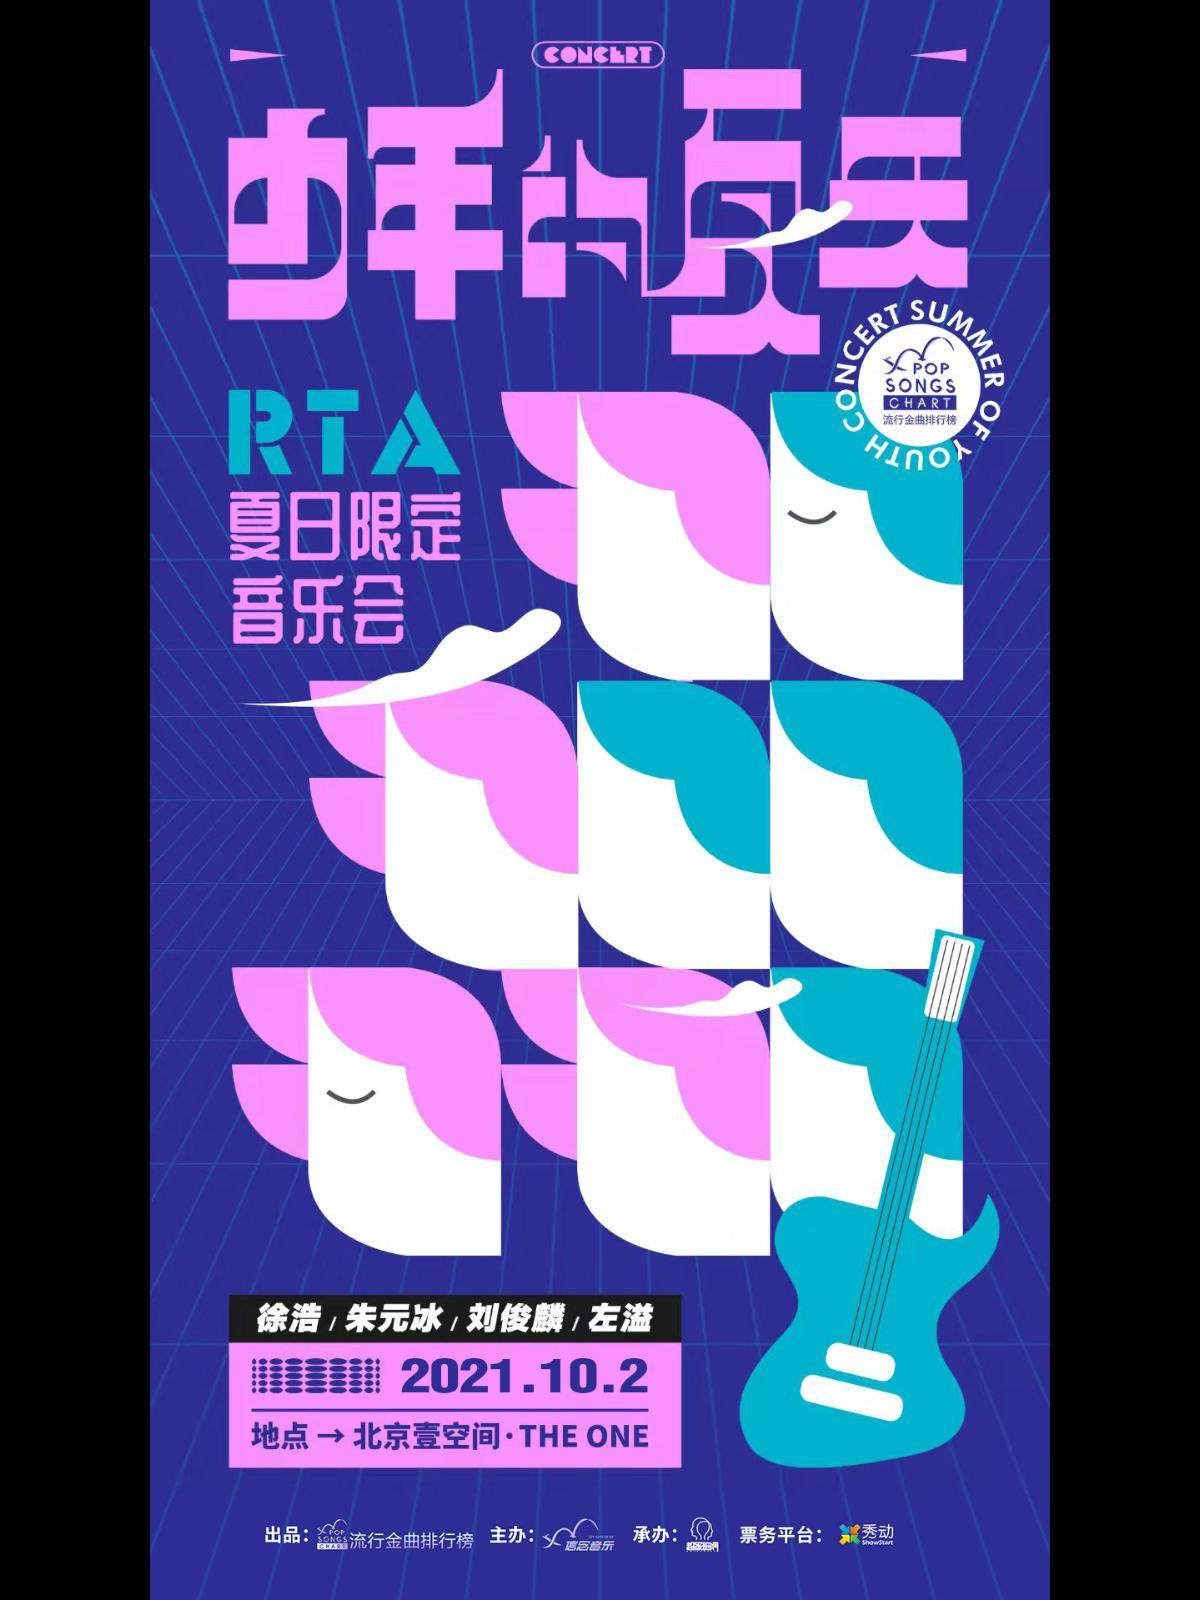 《少年的夏天》RTA夏日限定音乐会